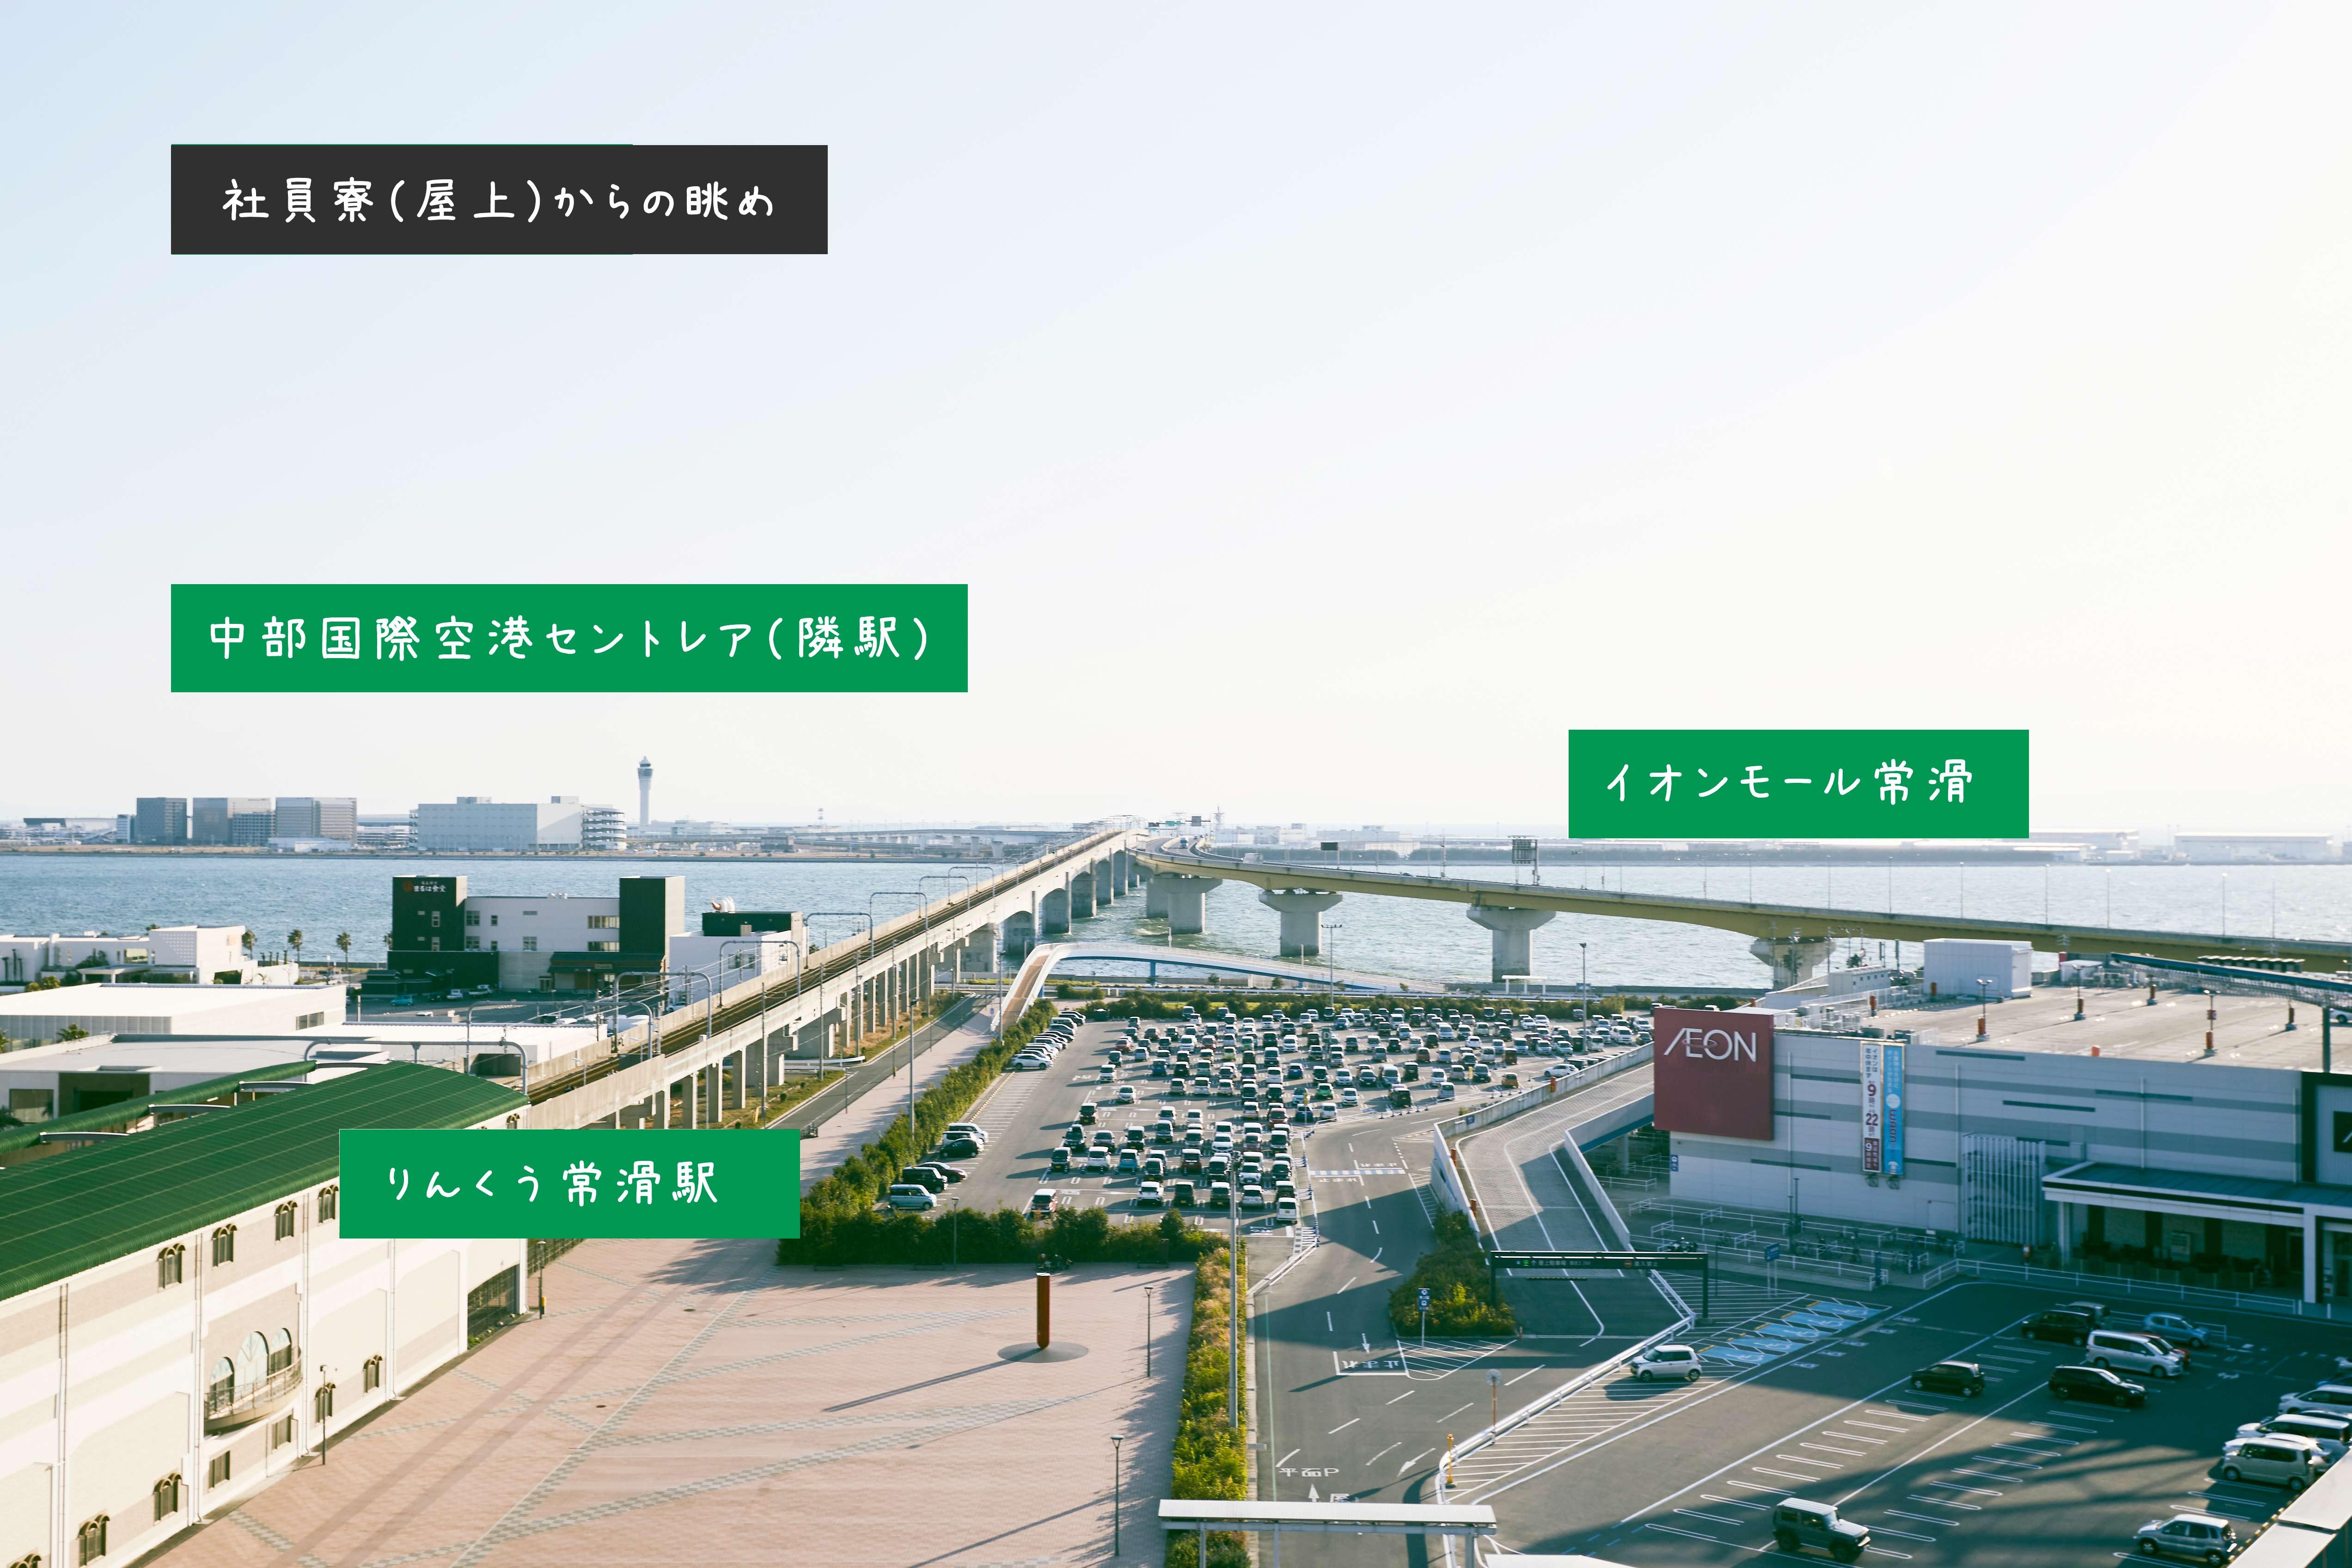 04社員寮りんくう常滑駅、イオンモール常滑の目の前に新寮「カルミアりんくう」が完成!